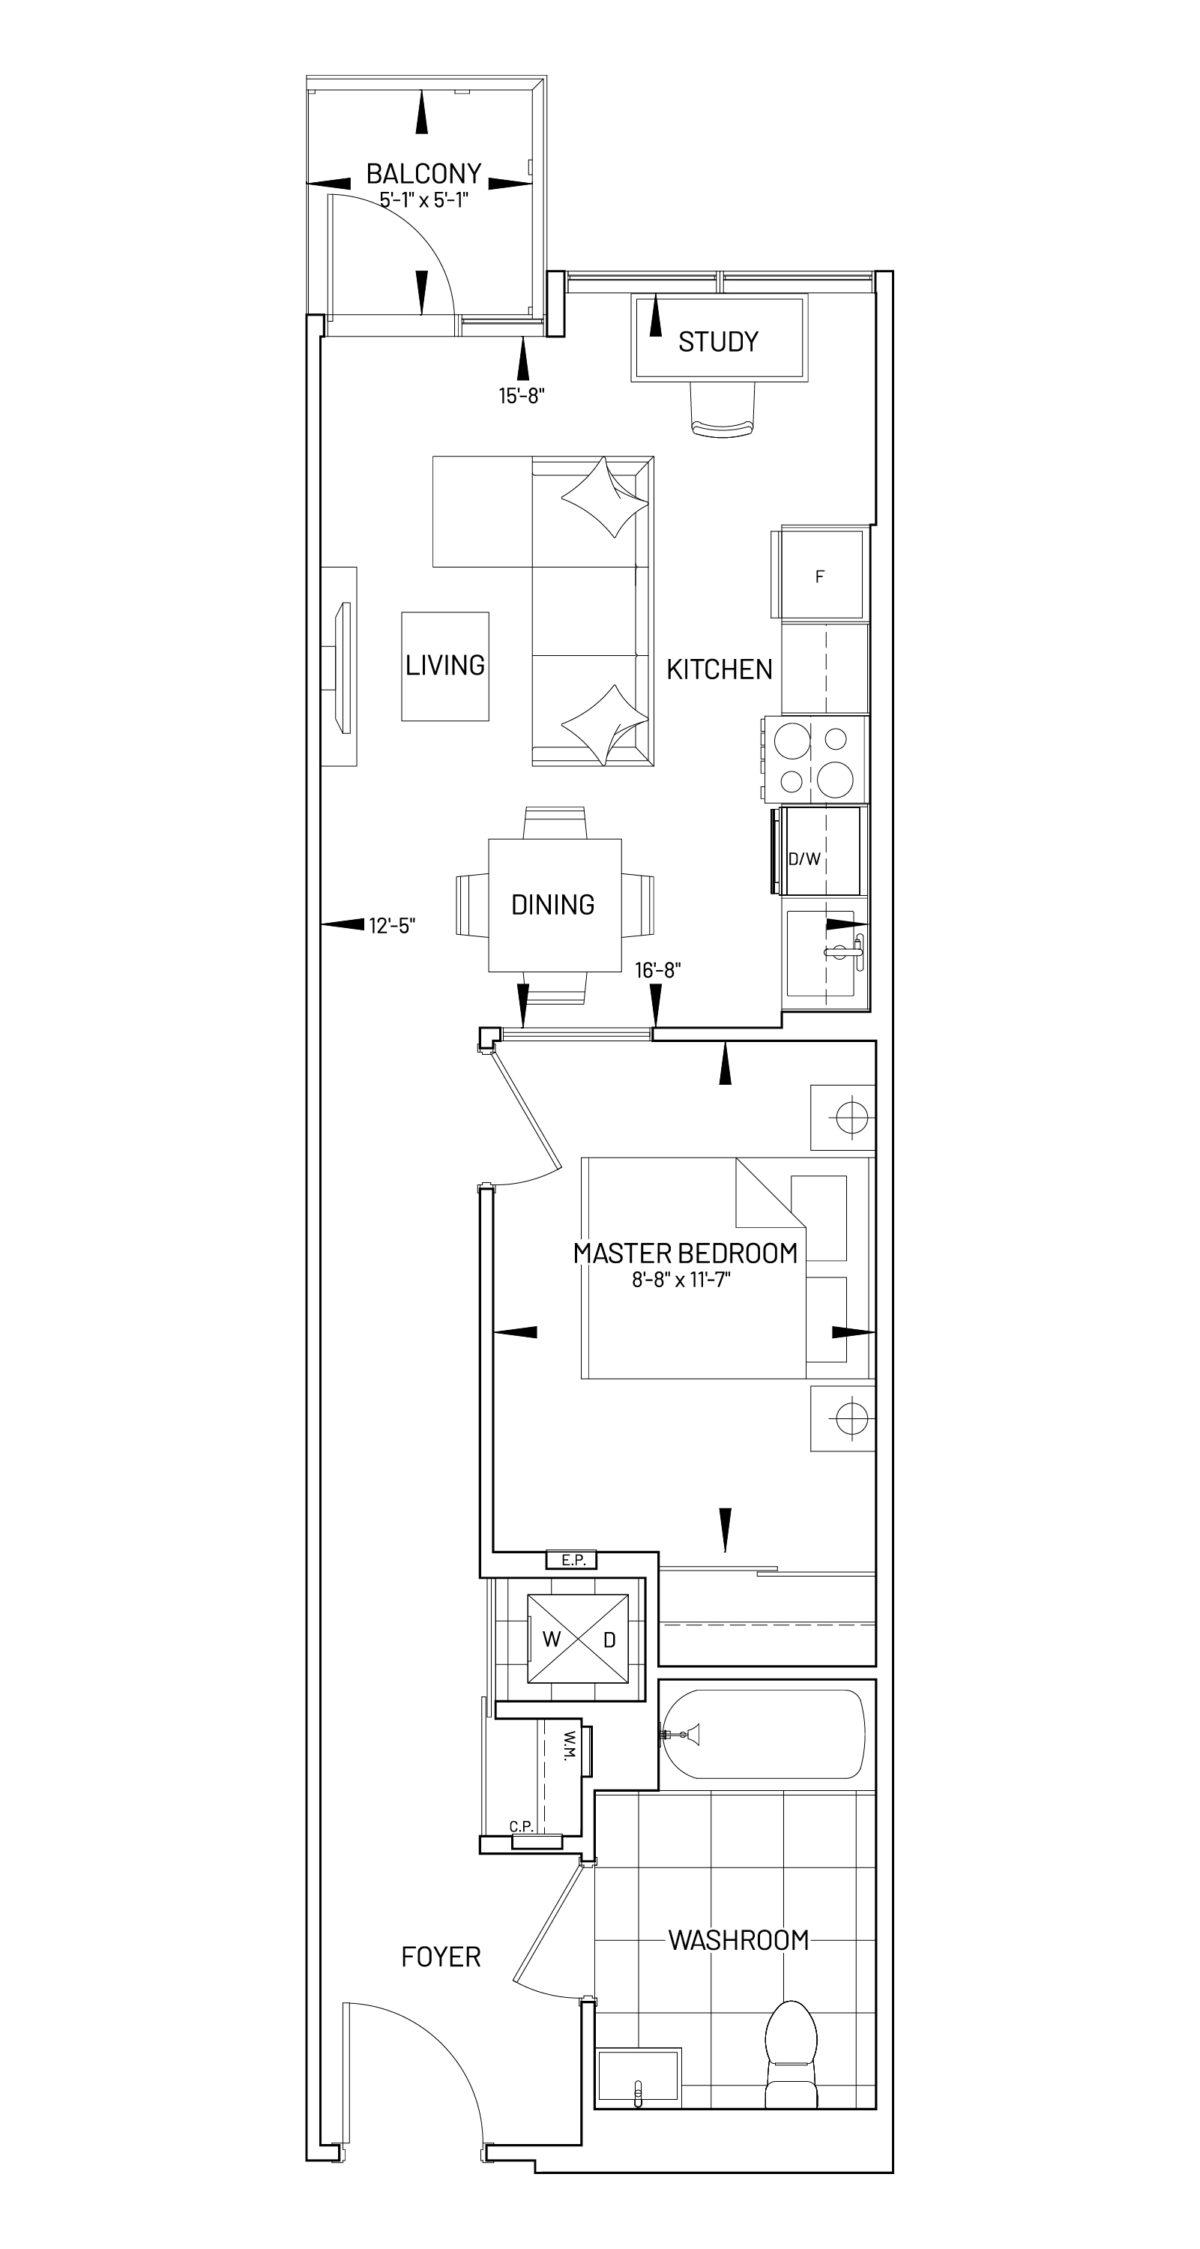 Suite 1S-T Floor Plan